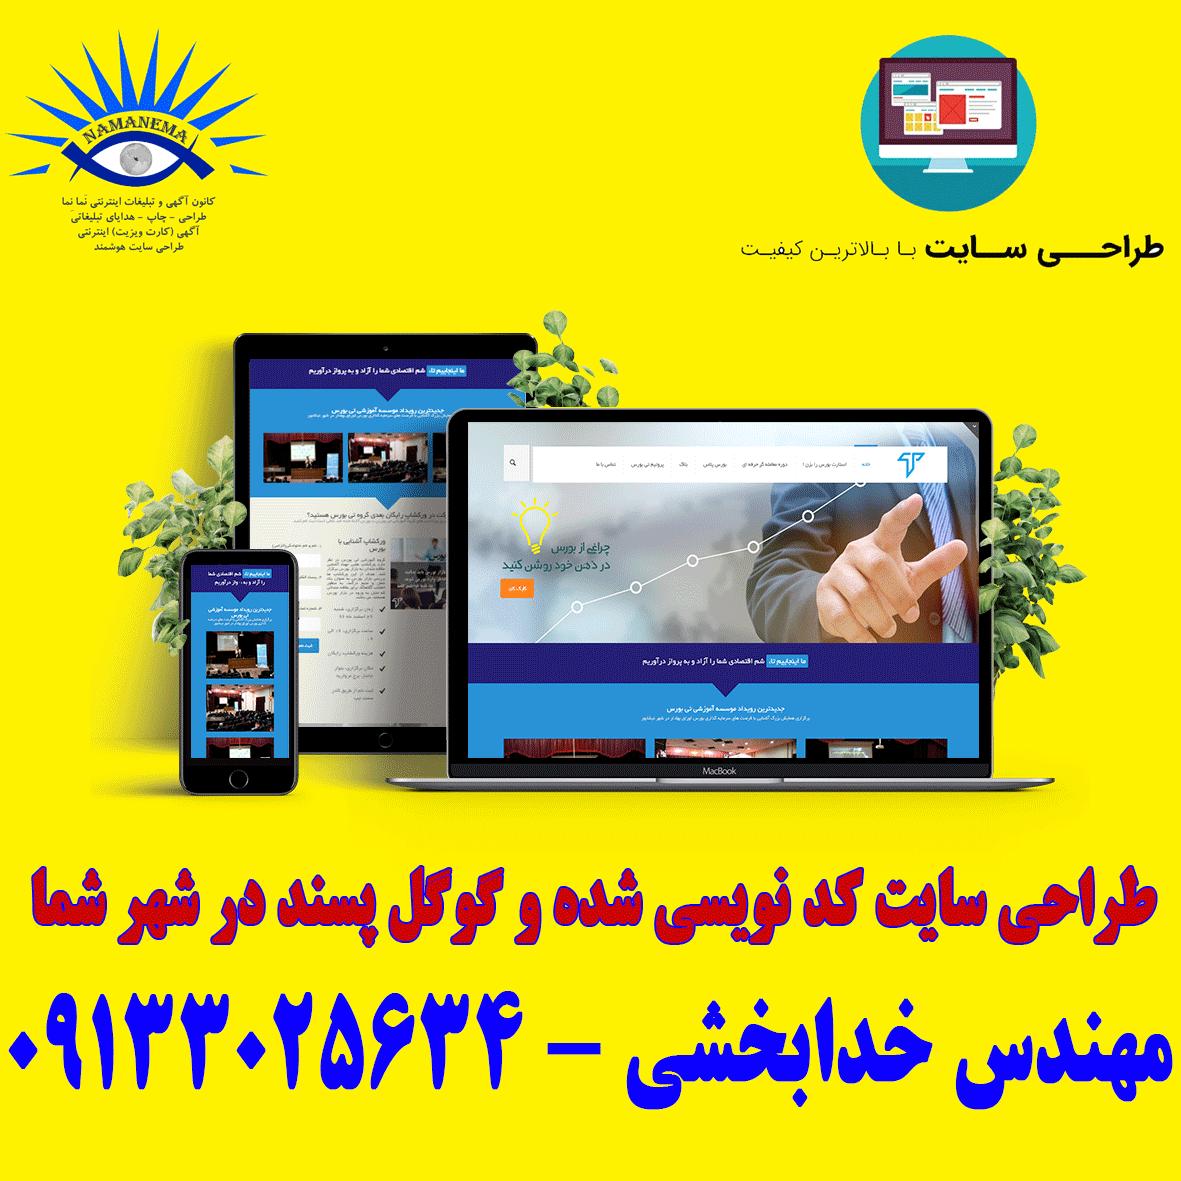 طراحی سایت ارزان و با کیفیت در اربیل عراق